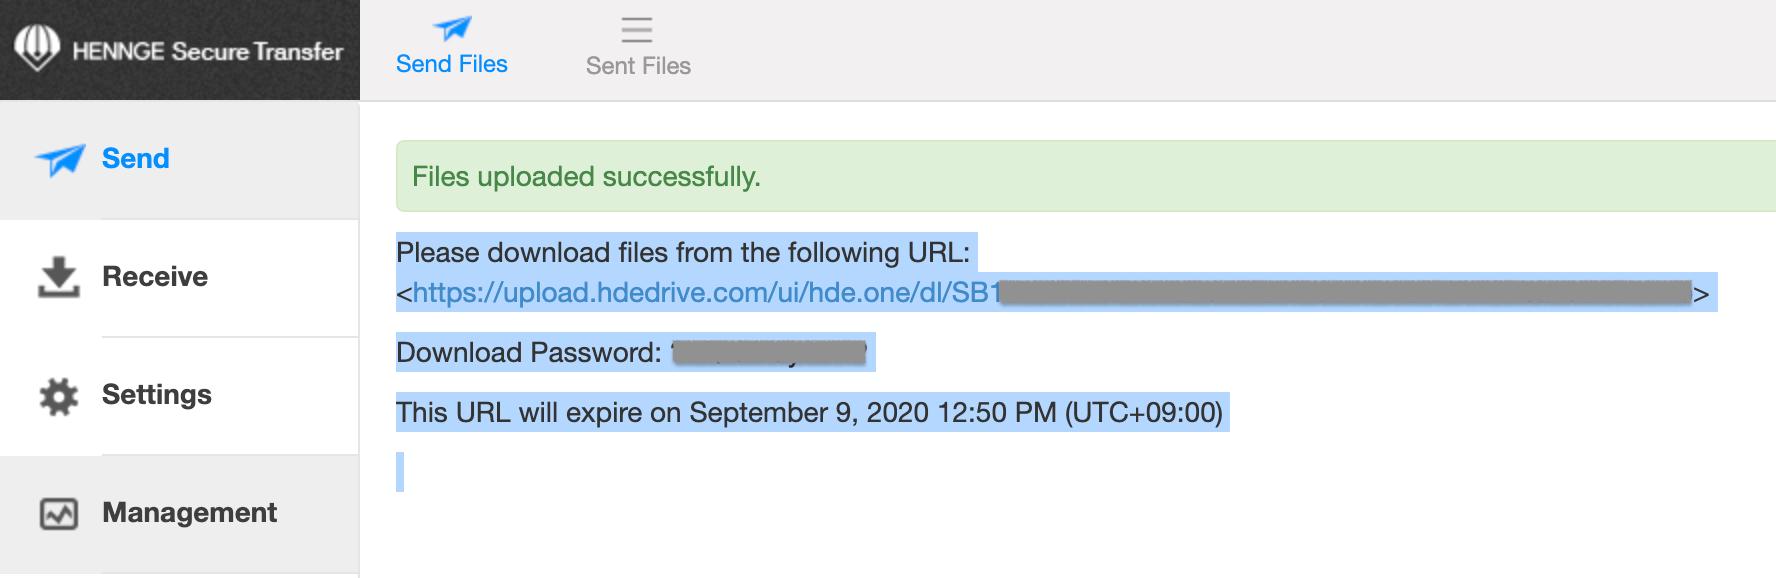 900002322843_userUI_sample_en.png